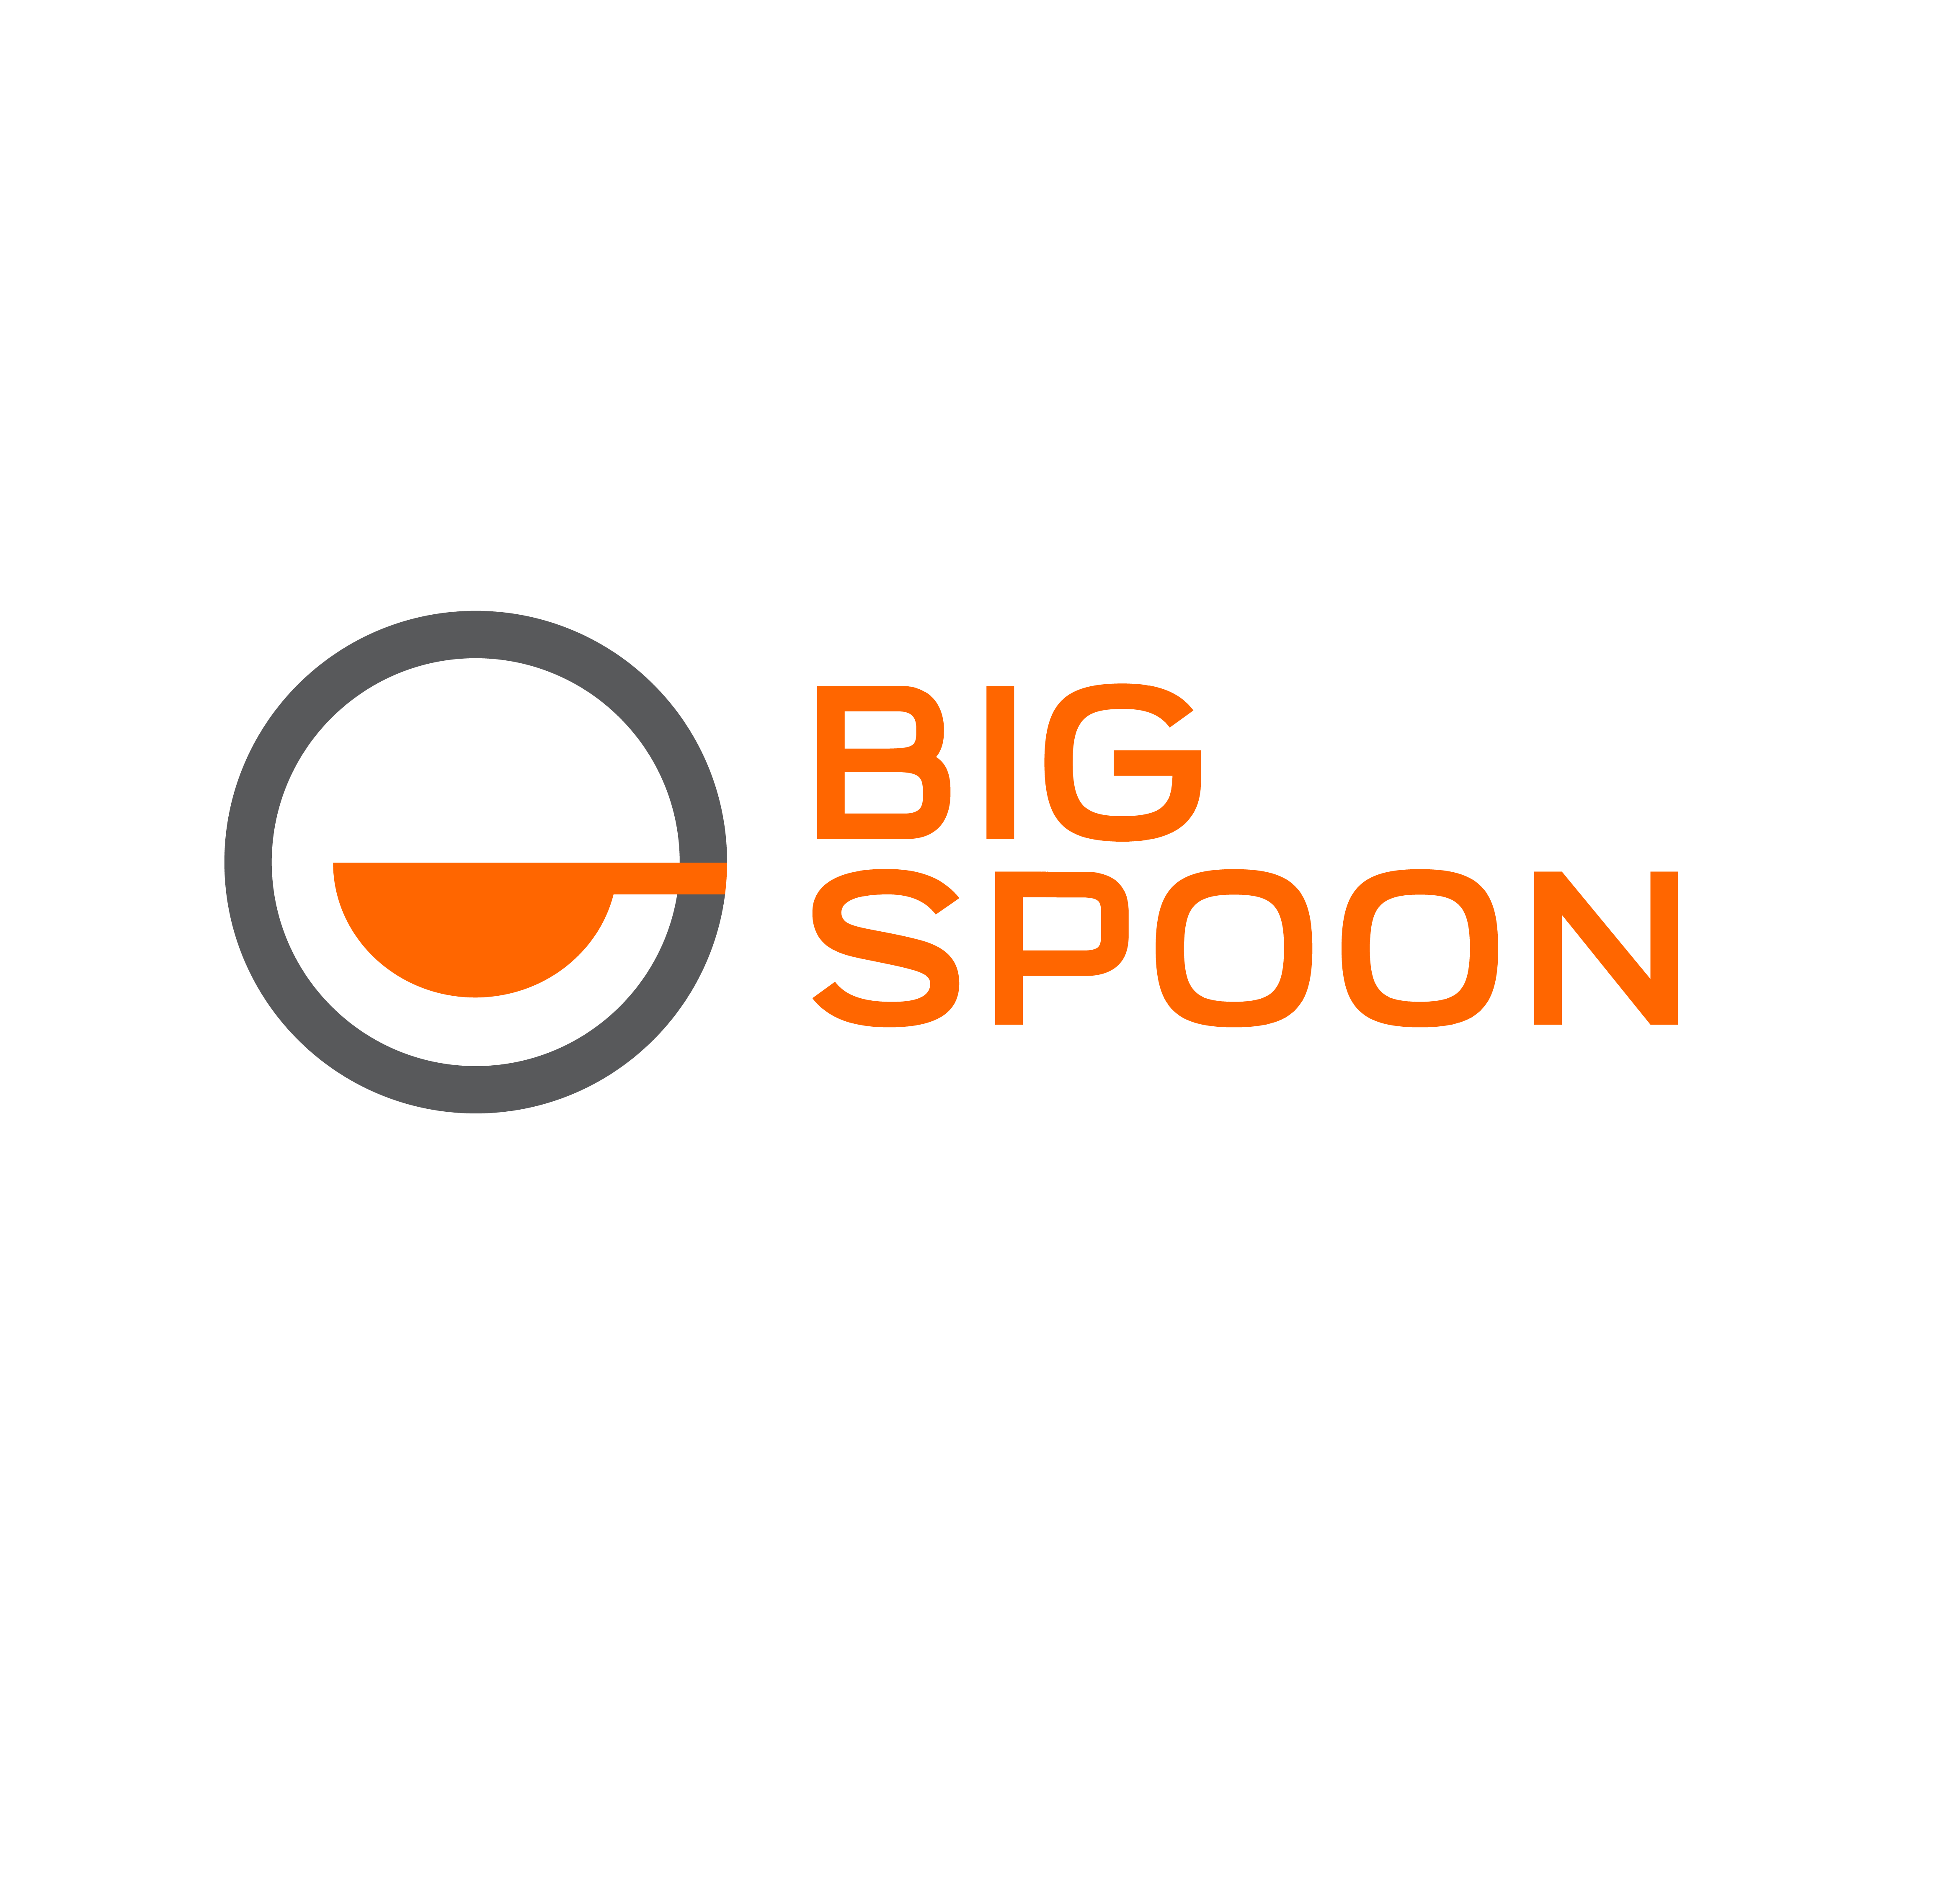 Bigspoon icon